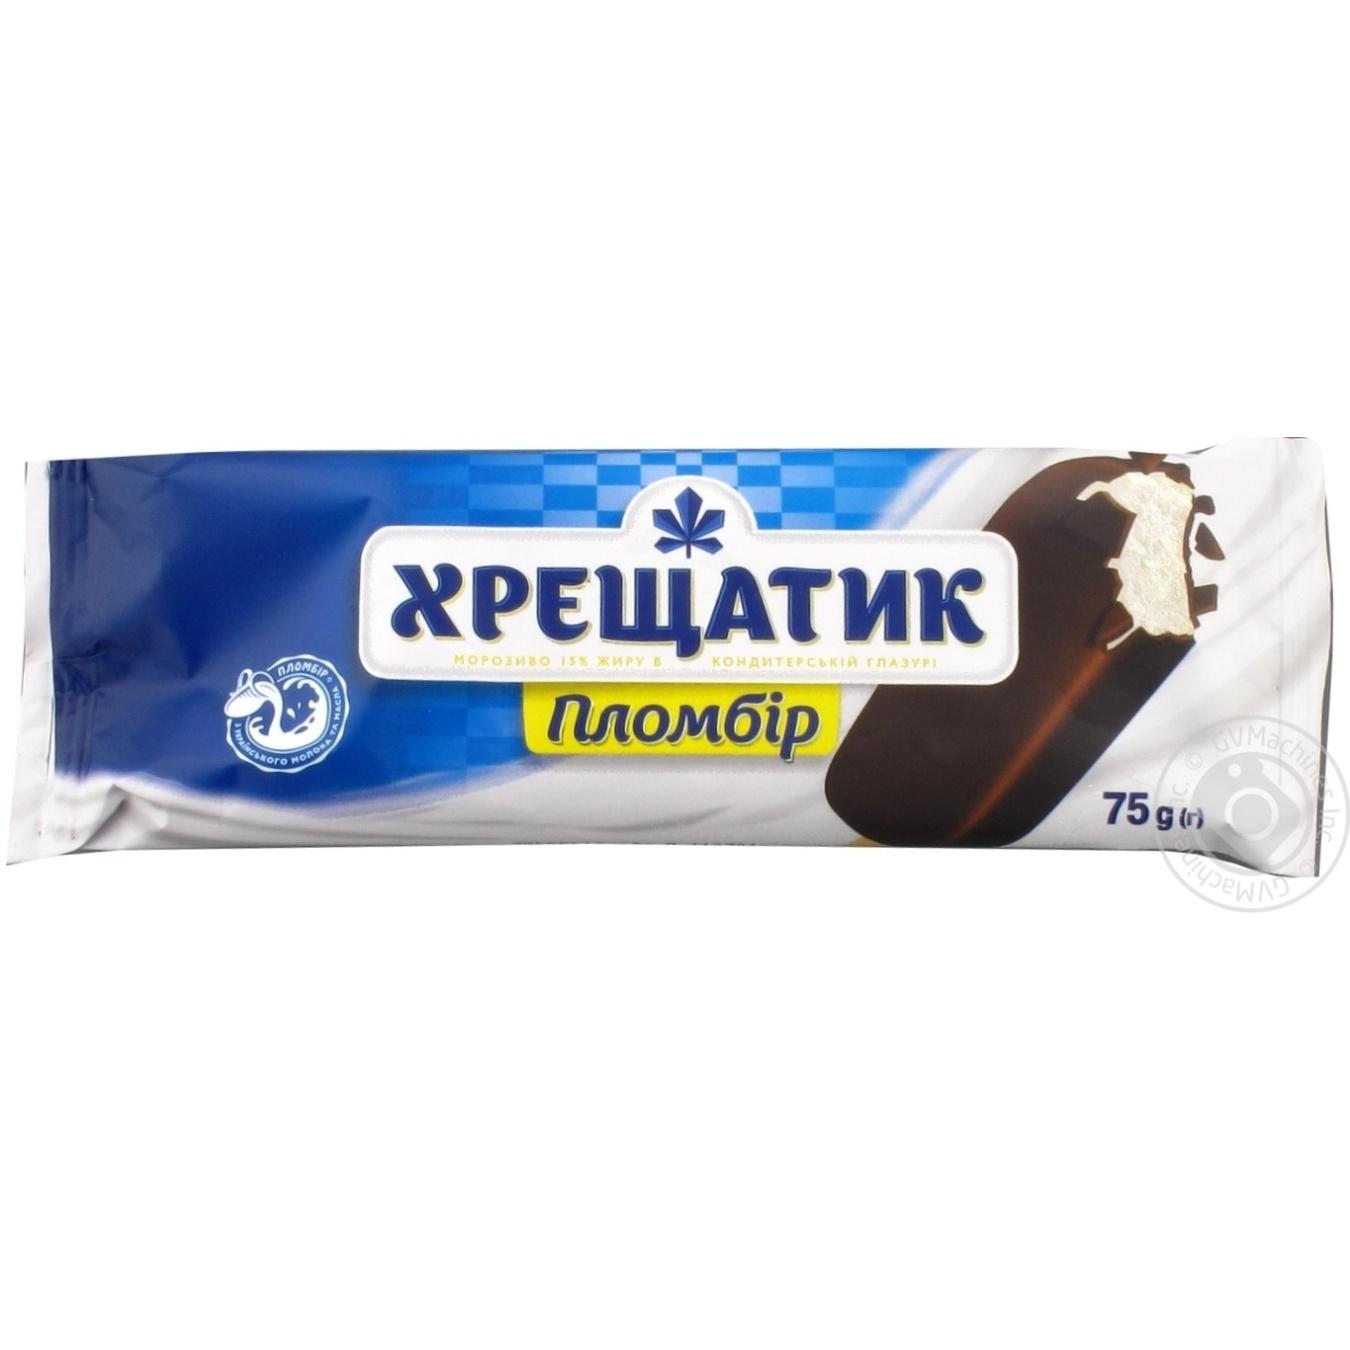 Мороженое Хрещатик пломбир без наполнителя в кондитерской глазури 75г